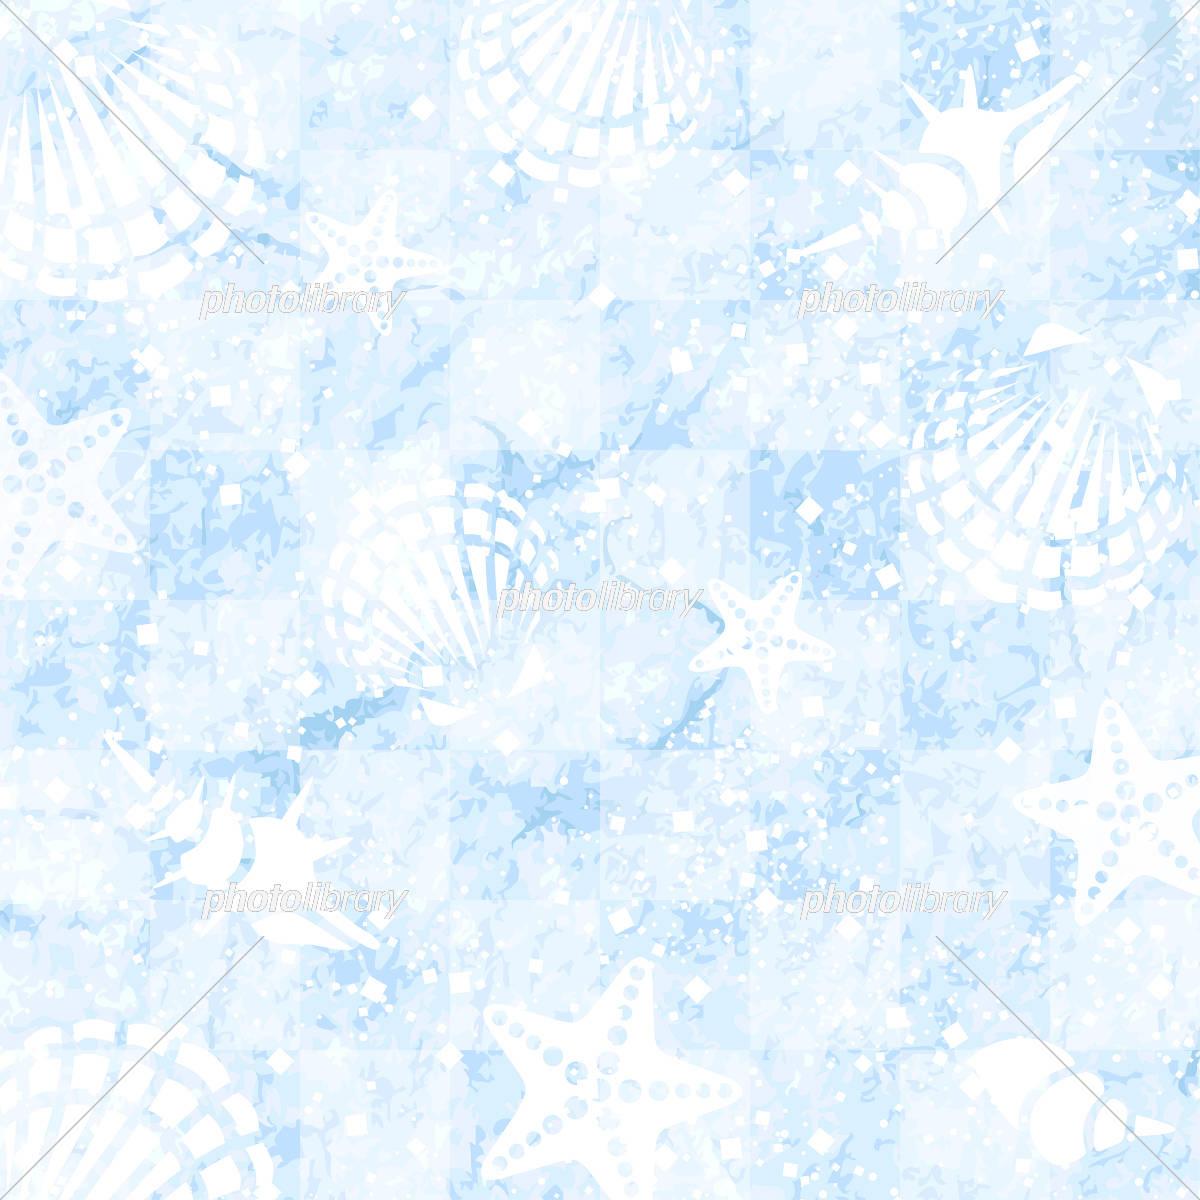 海 貝殻 ヒトデ 背景 素材 イラスト素材 [ 5334049 ] - フォトライブ